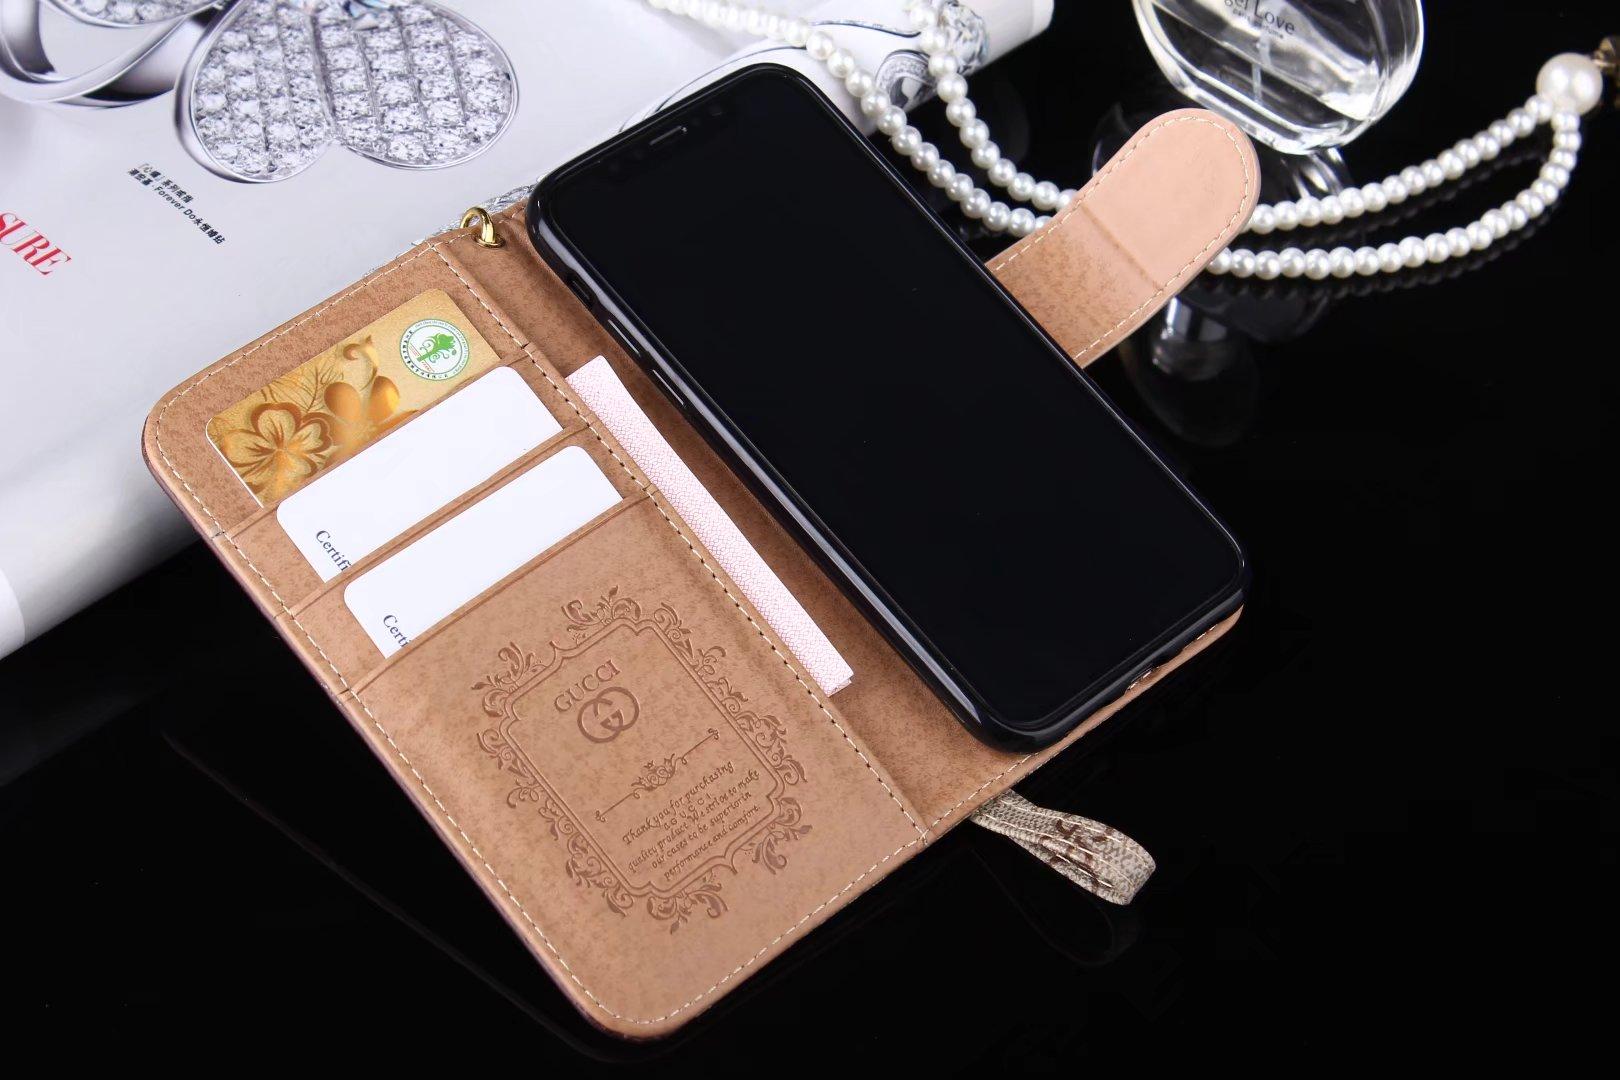 iphone hülle bedrucken lassen iphone klapphülle Gucci iphone X hüllen ipad hülle bedrucken iphone X iphone X verkaufsstart iphone X apple iphone X hülle iphone X hülle cool hülle mit foto